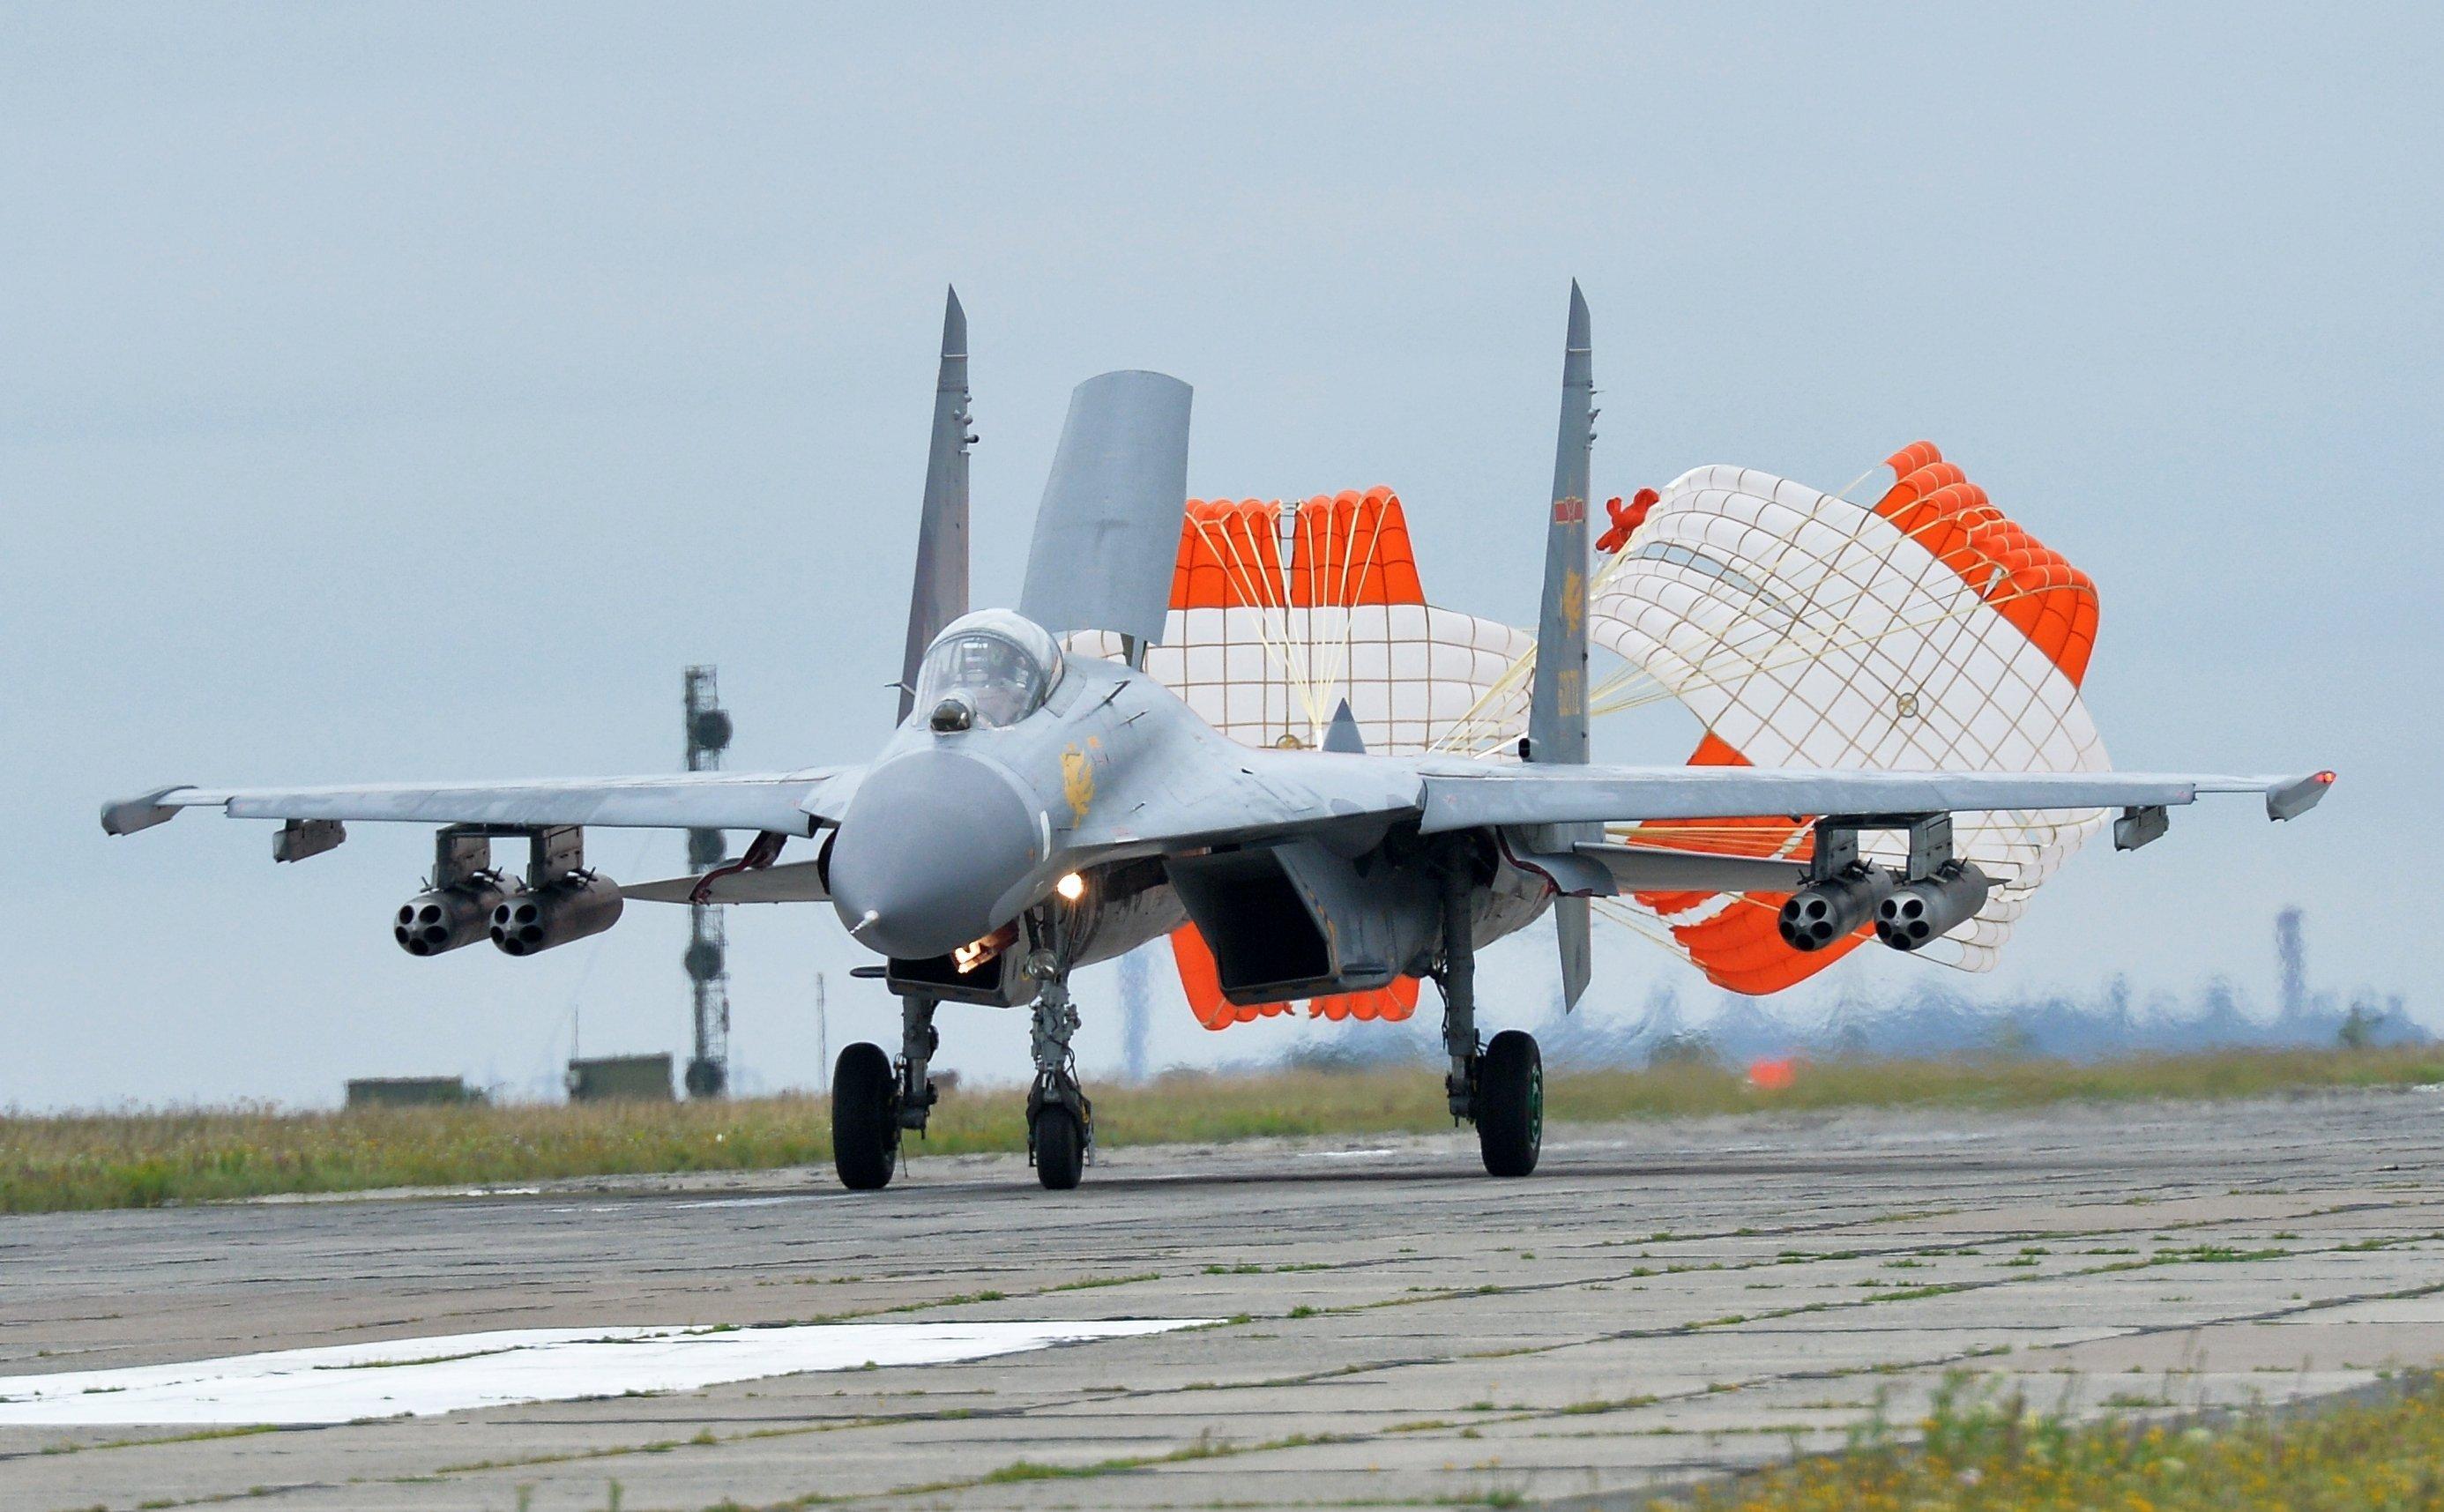 中国空军空警-200飞机正在降落